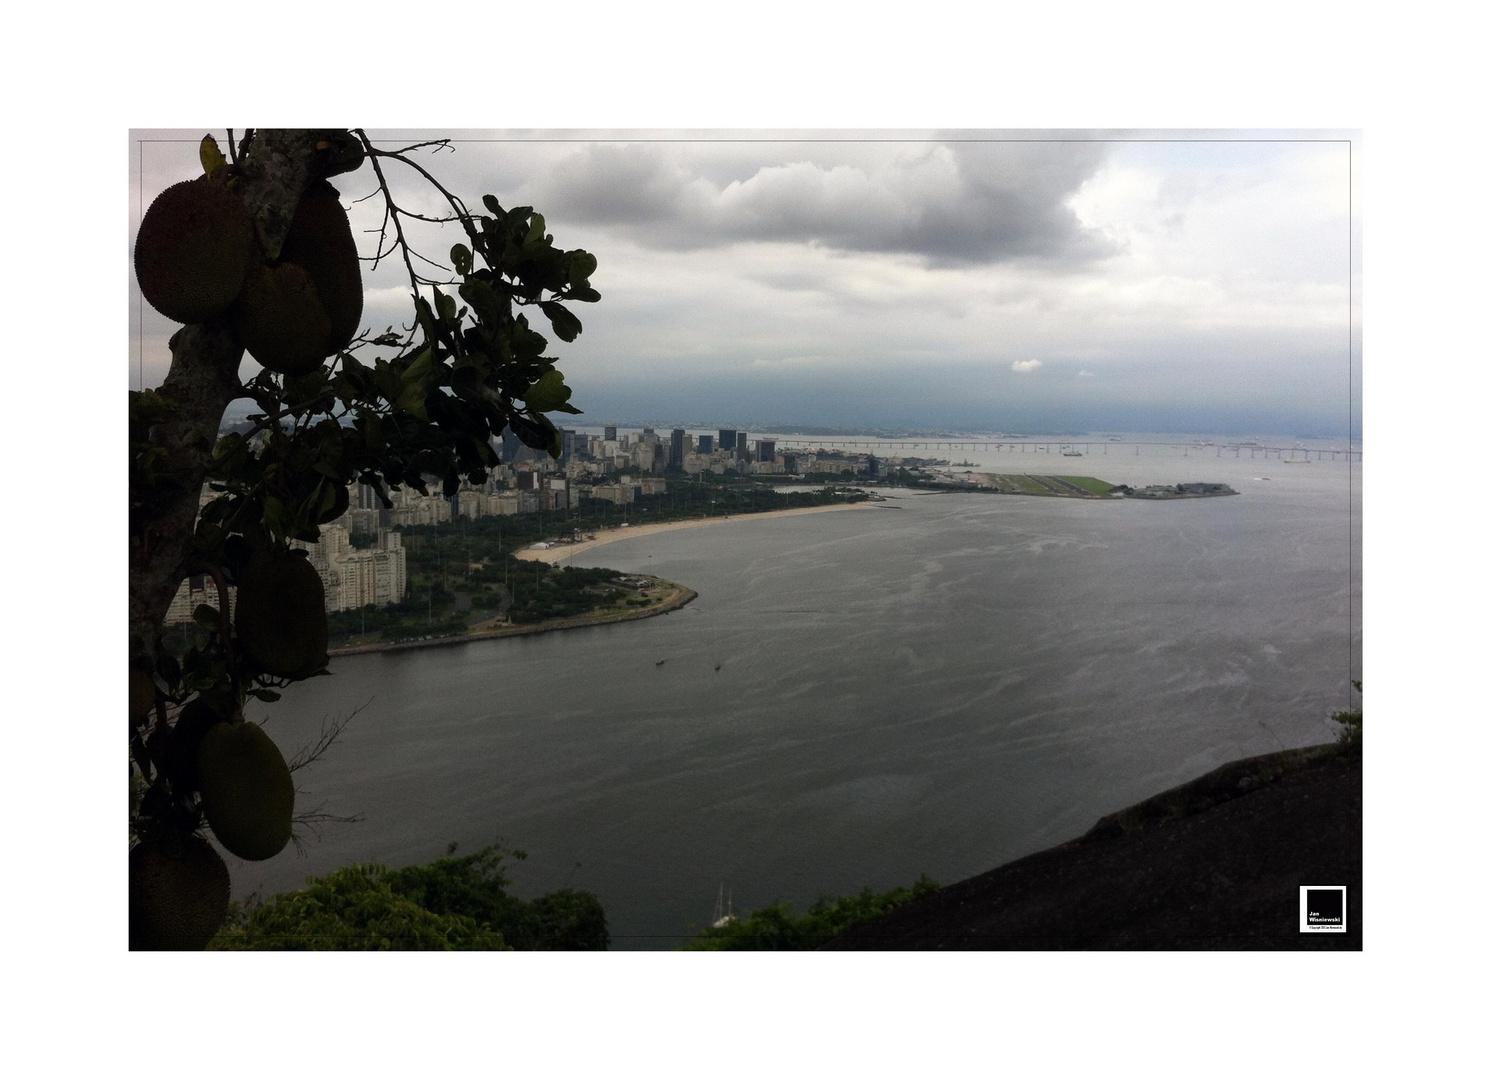 Rio_Iphone4_012_aus_beb_rahmen_kl_cc